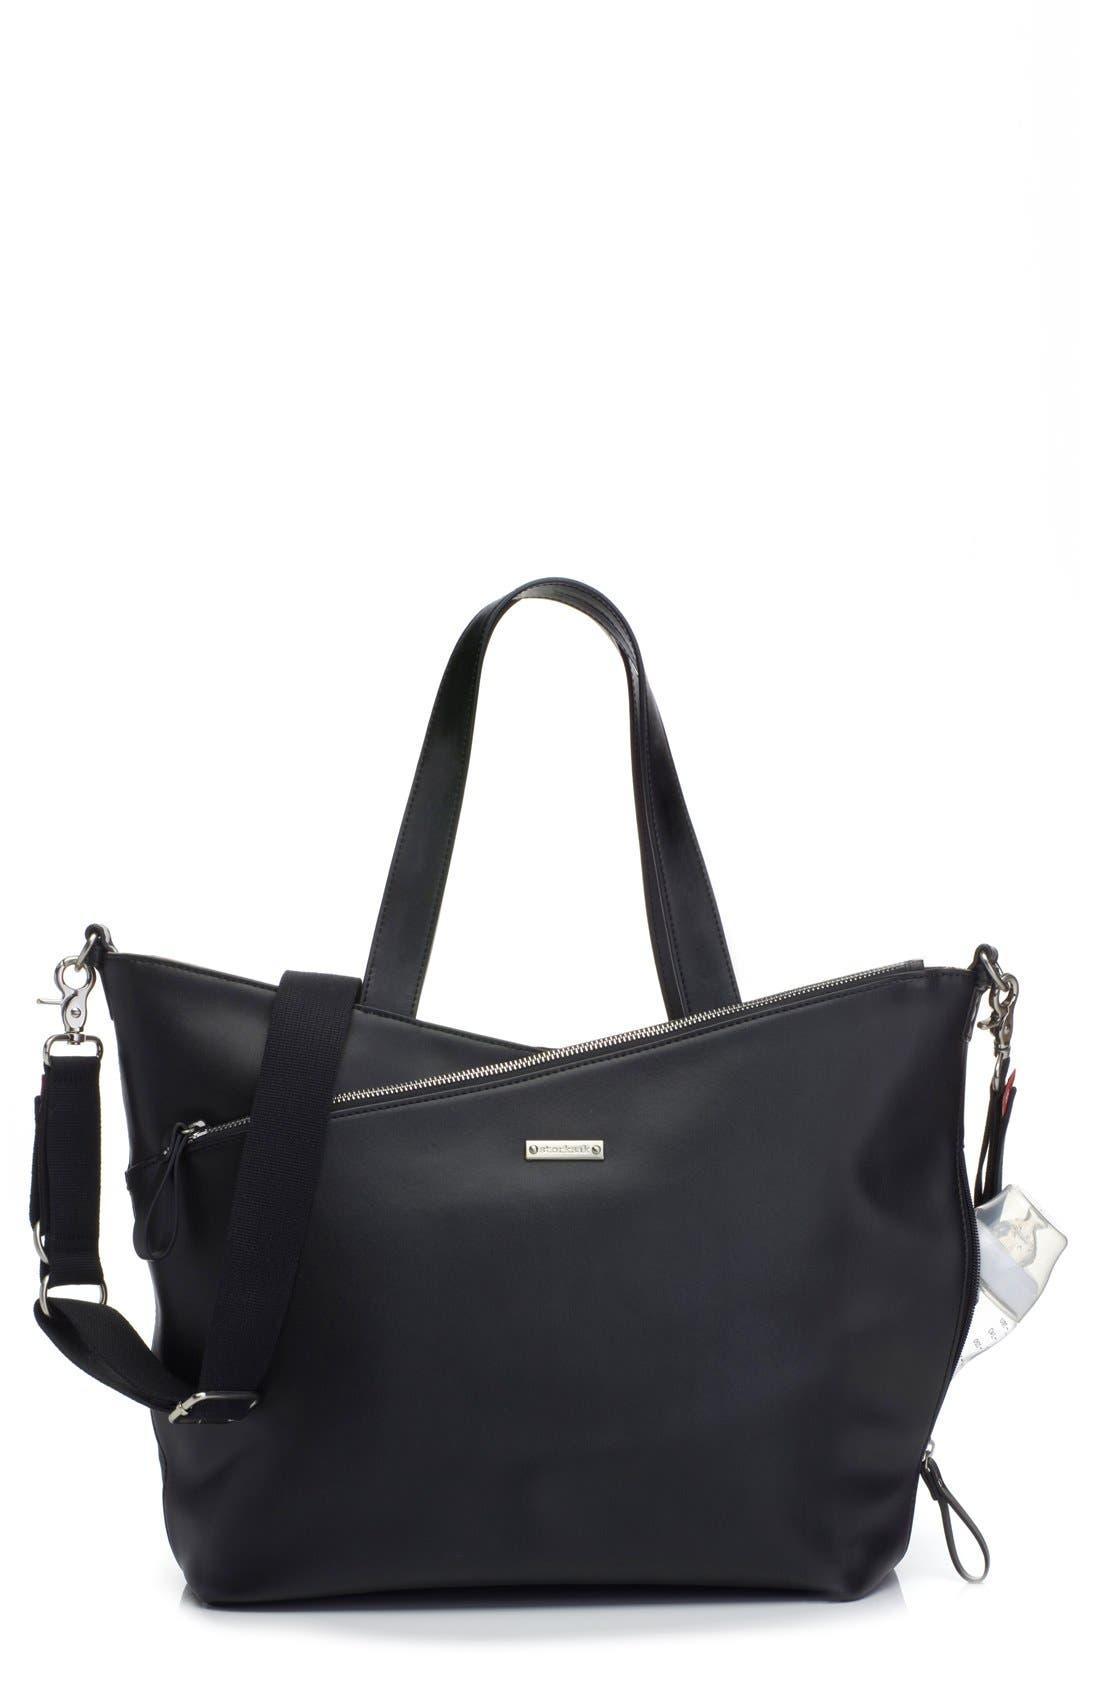 'Lucinda' Diaper Bag Leather Tote,                             Main thumbnail 1, color,                             005